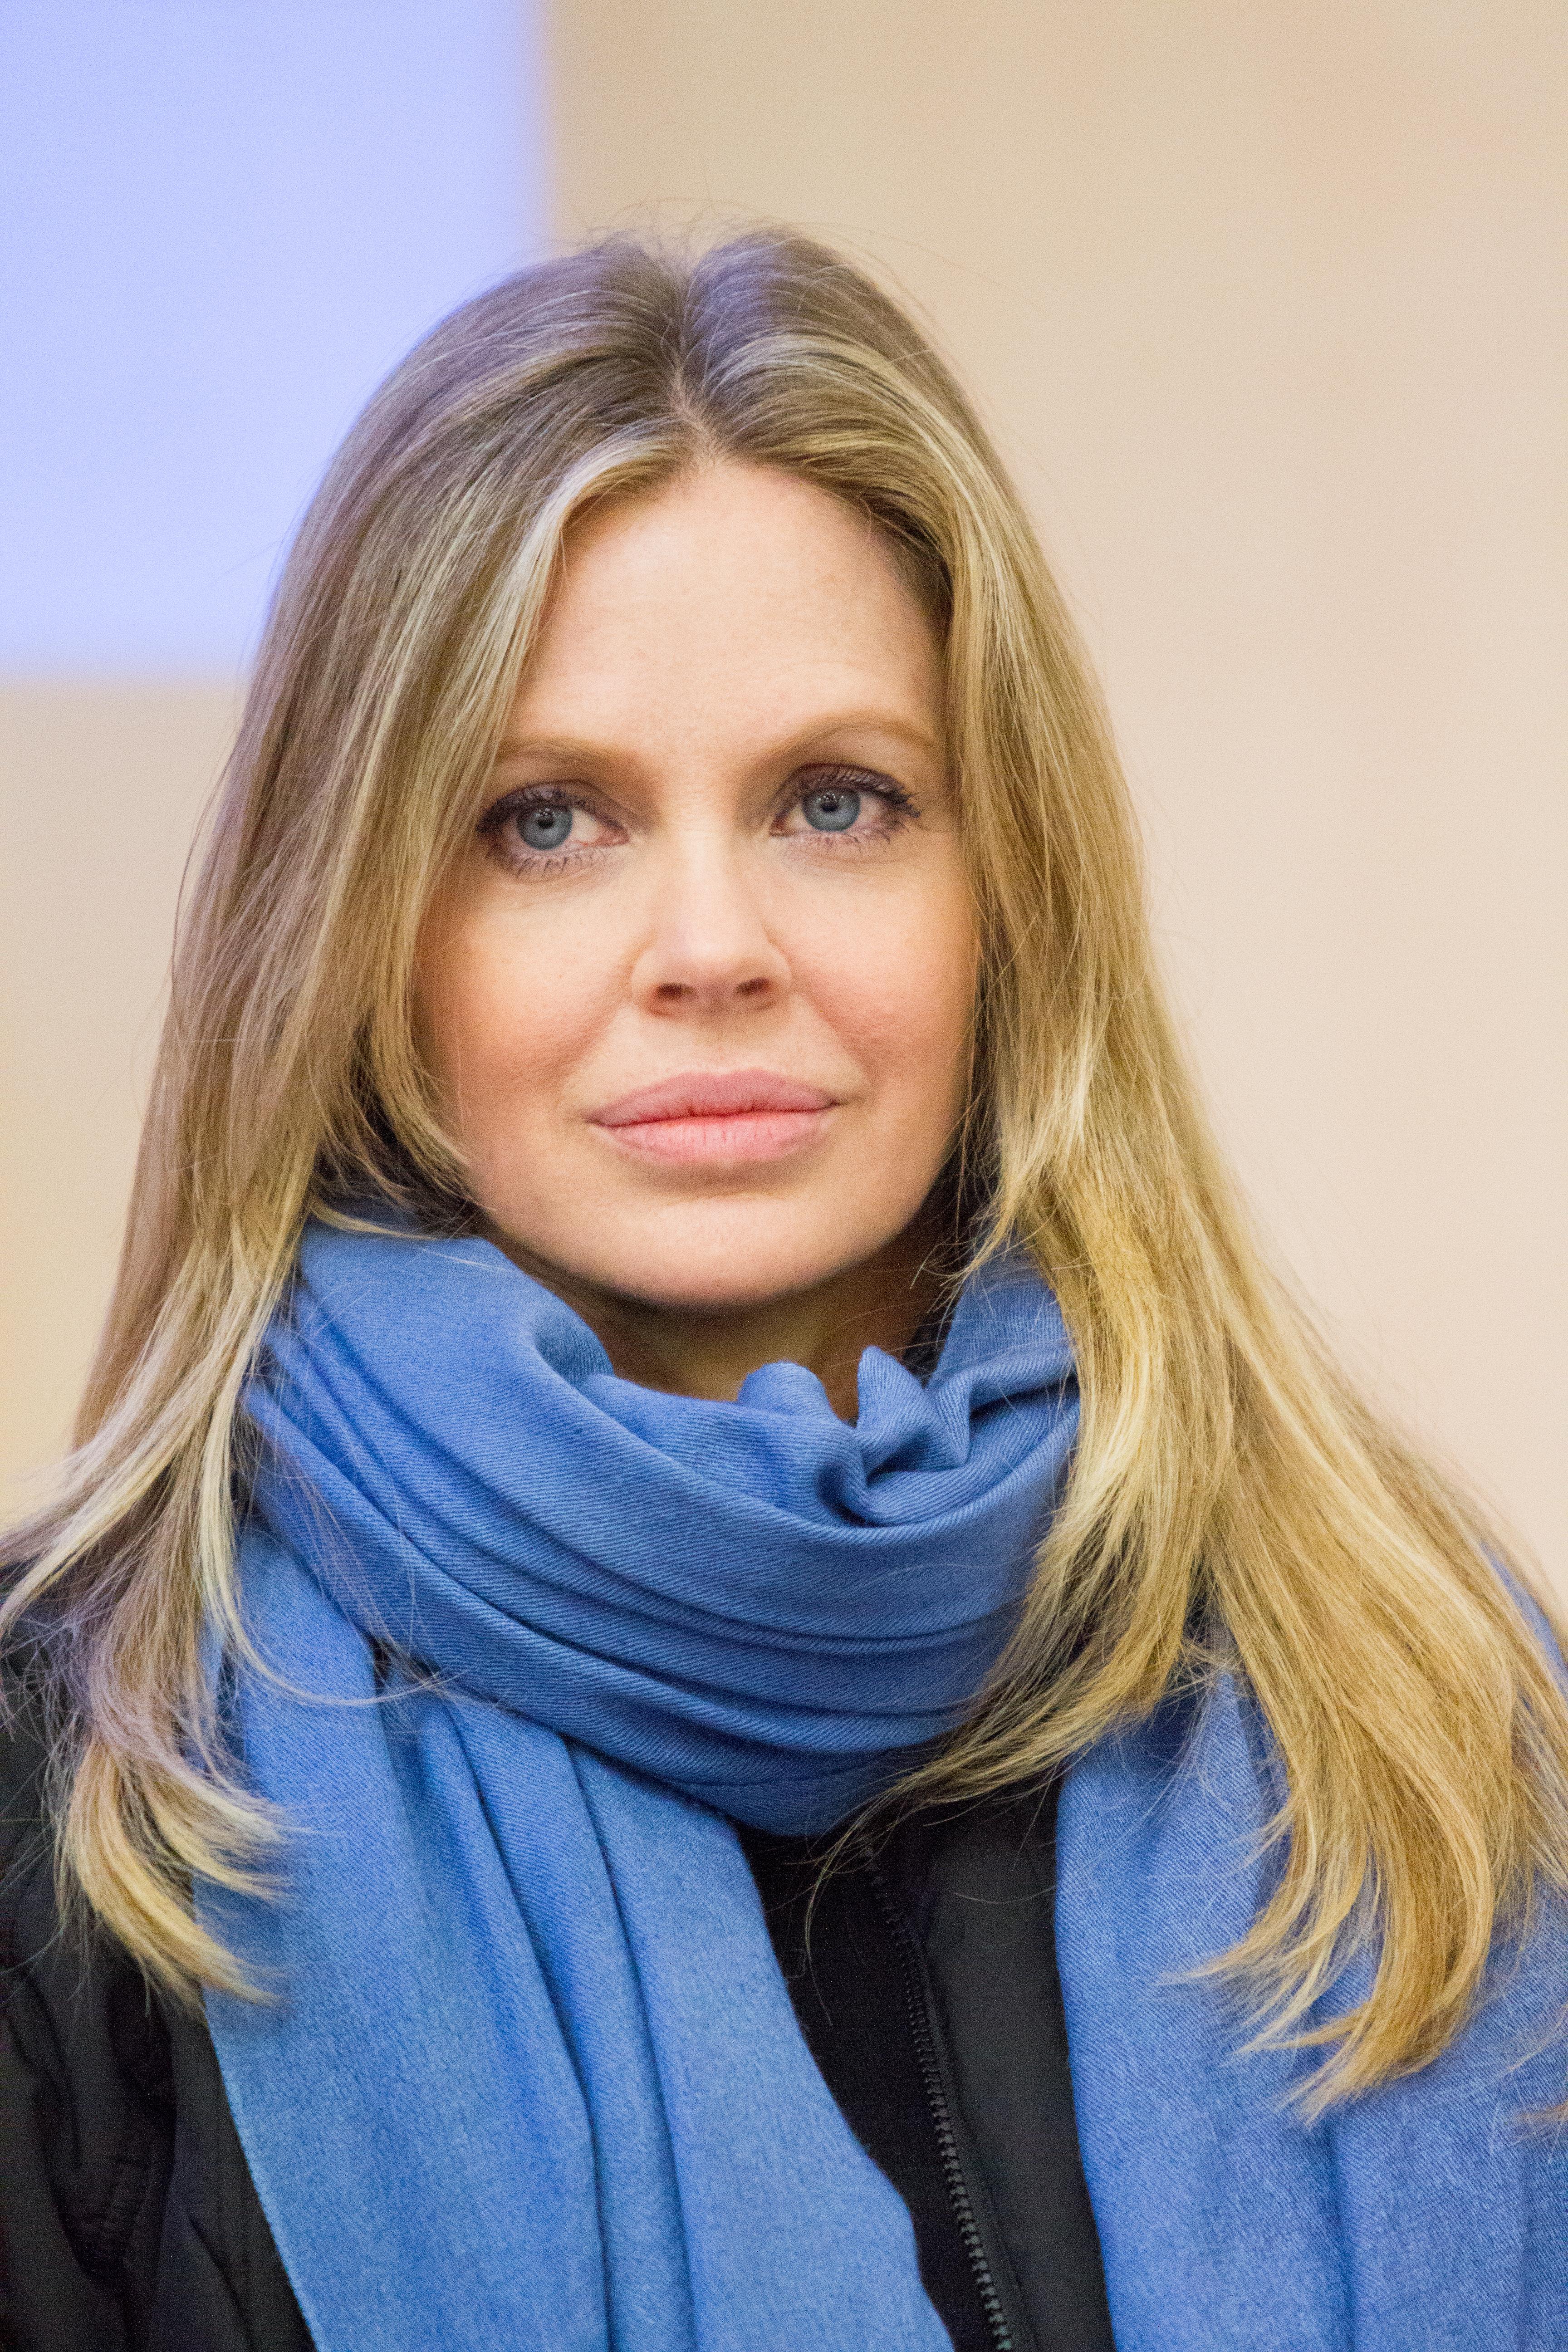 Kristin Bauer van Straten bio